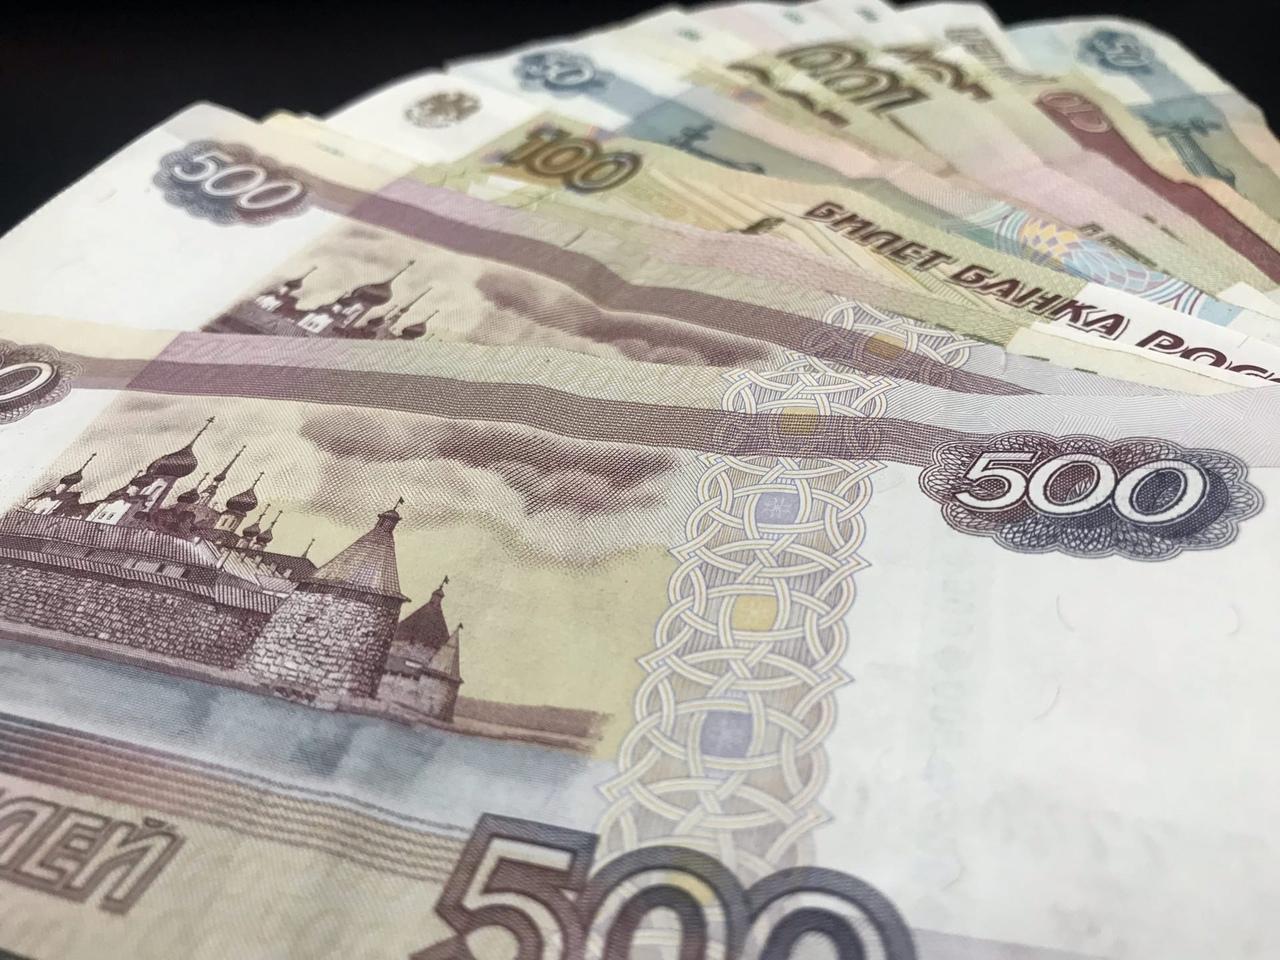 За минувшую неделю телефонные мошенники обманули брянцев на 9,8 млн рублей